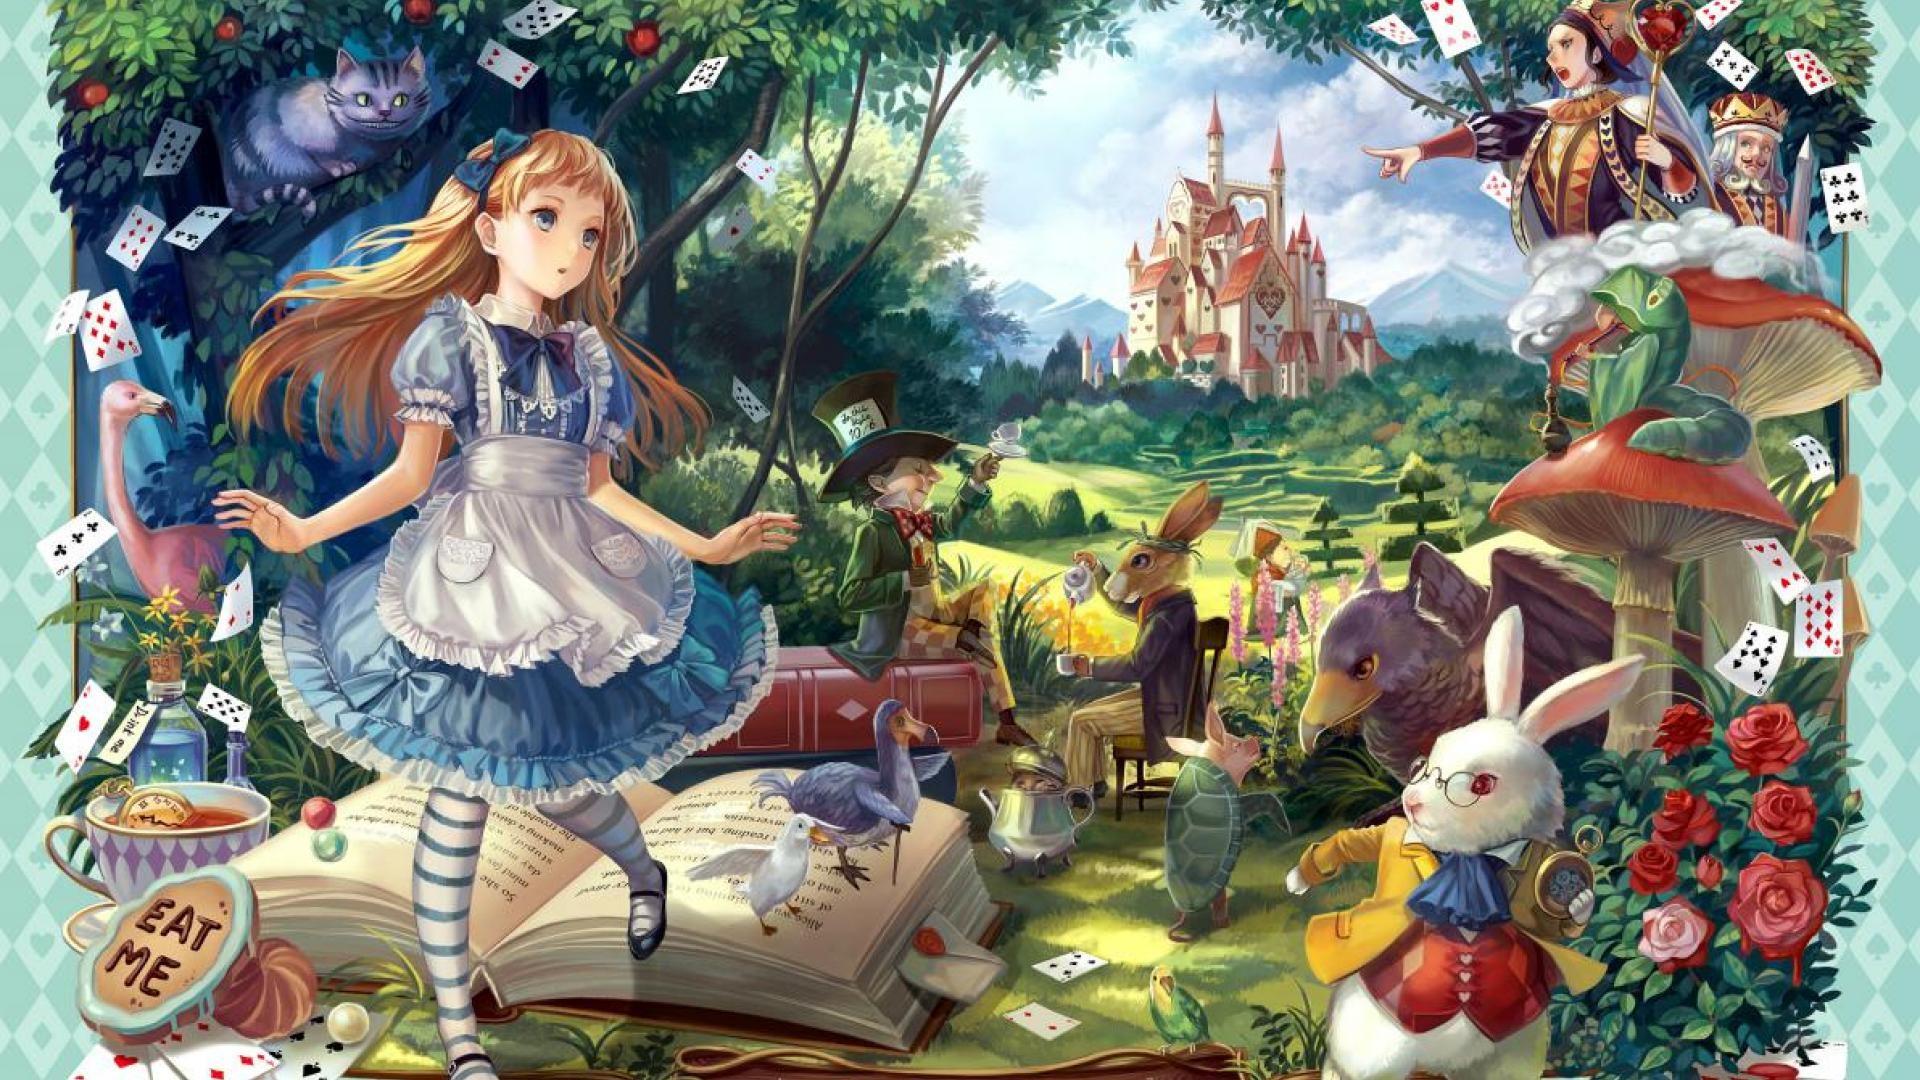 Alice in Wonderland background ·① Download free stunning ...